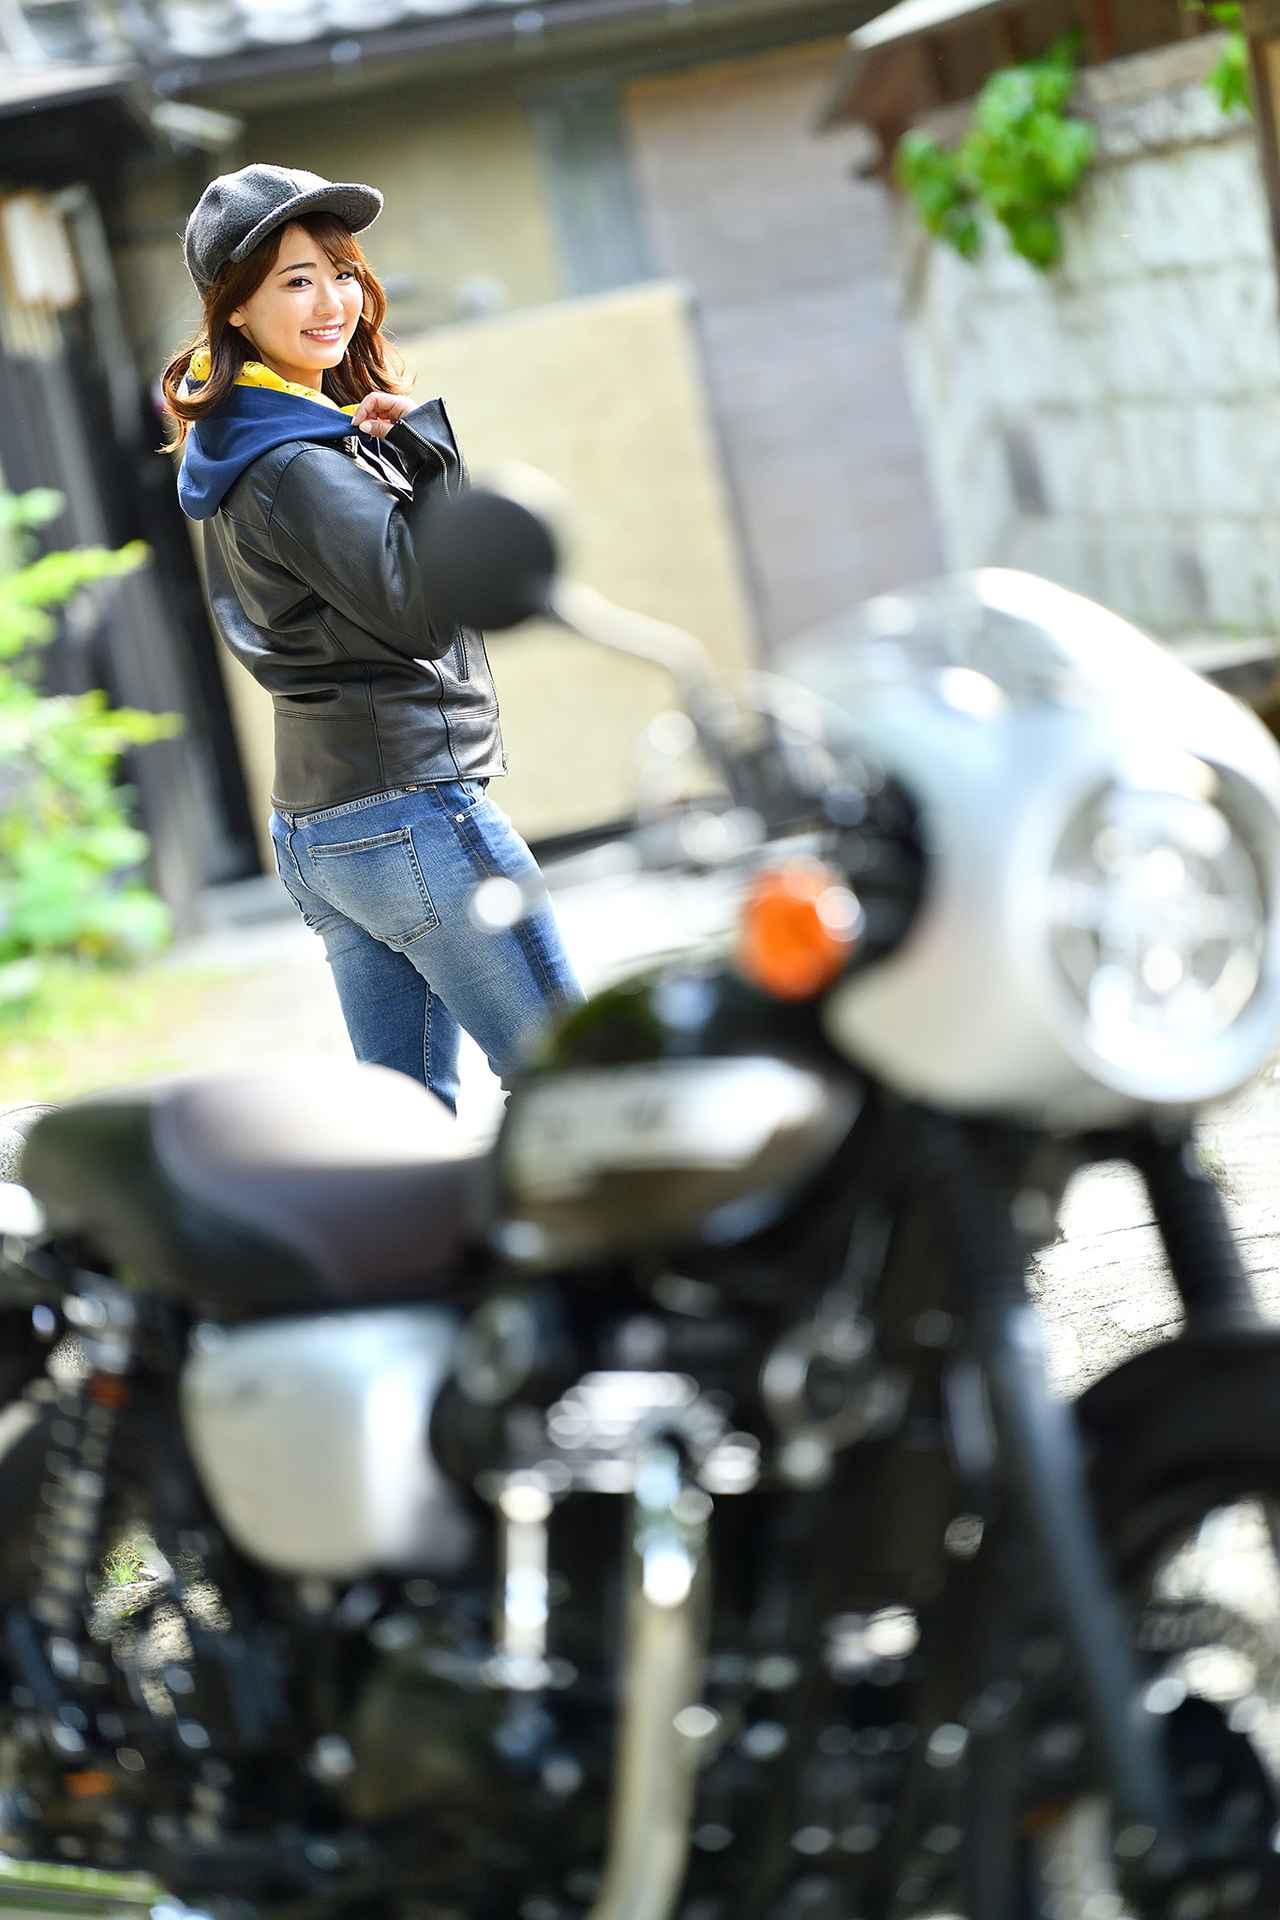 画像4: 平嶋夏海×KAWASAKI W800 CAFE【オートバイ女子部のフォトアルバム】